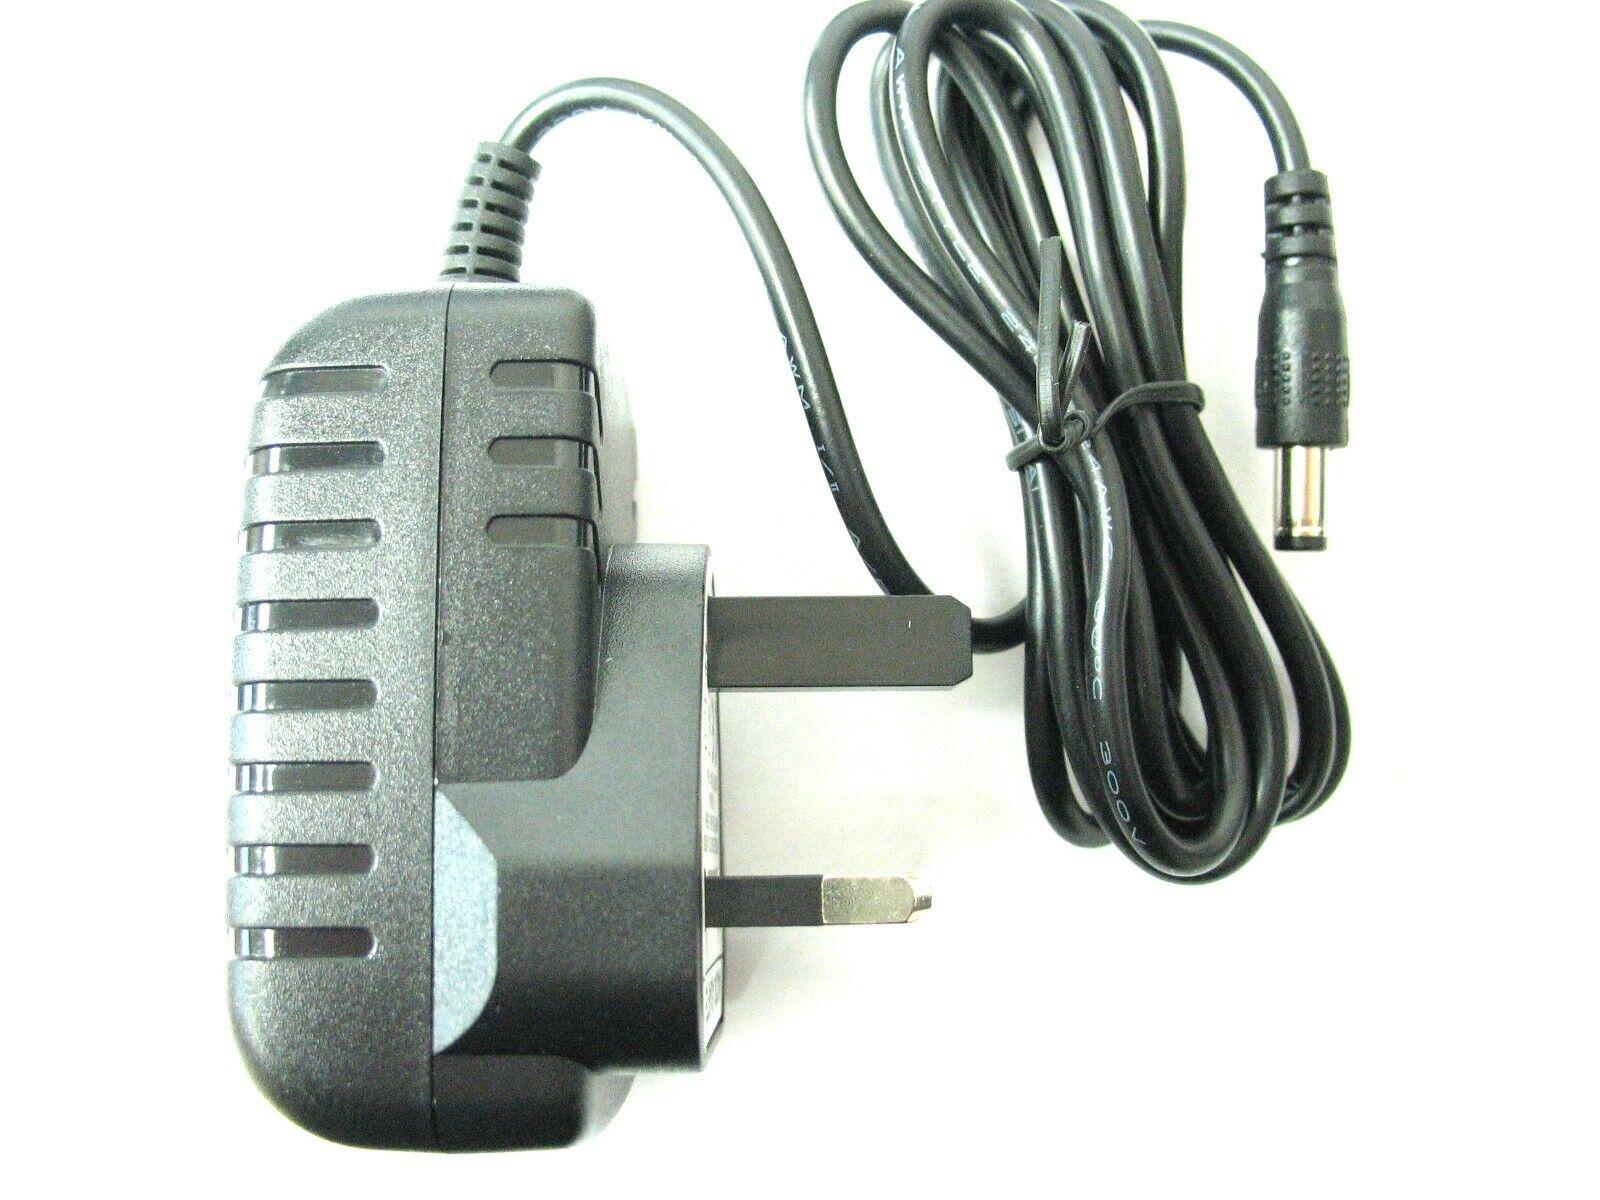 0.5 amp 24 volt AC-DC Mains Regulated Power Adaptor/Supply/Charger (12 watt)